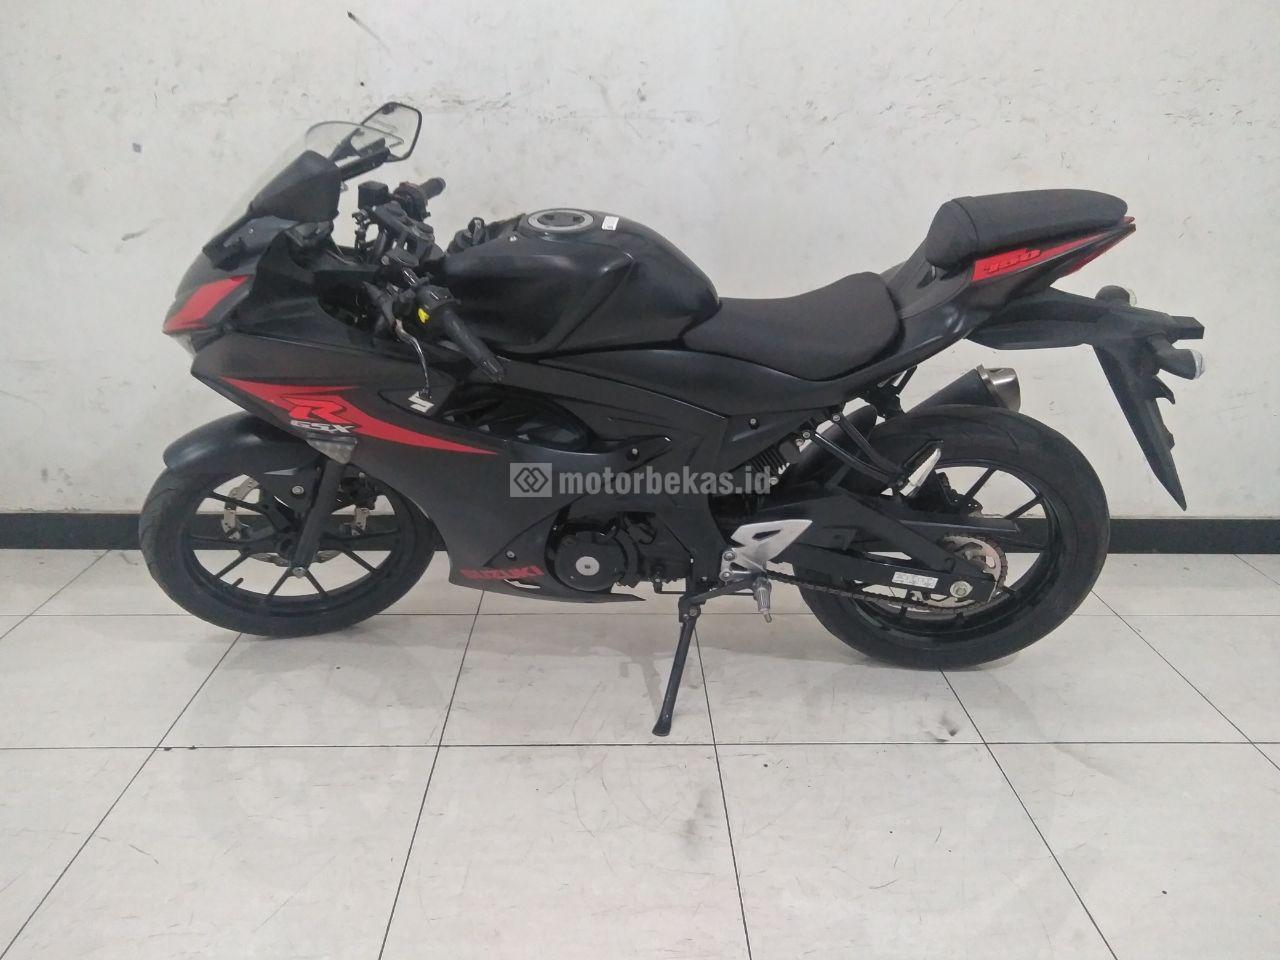 SUZUKI GSX 150R  3070 motorbekas.id